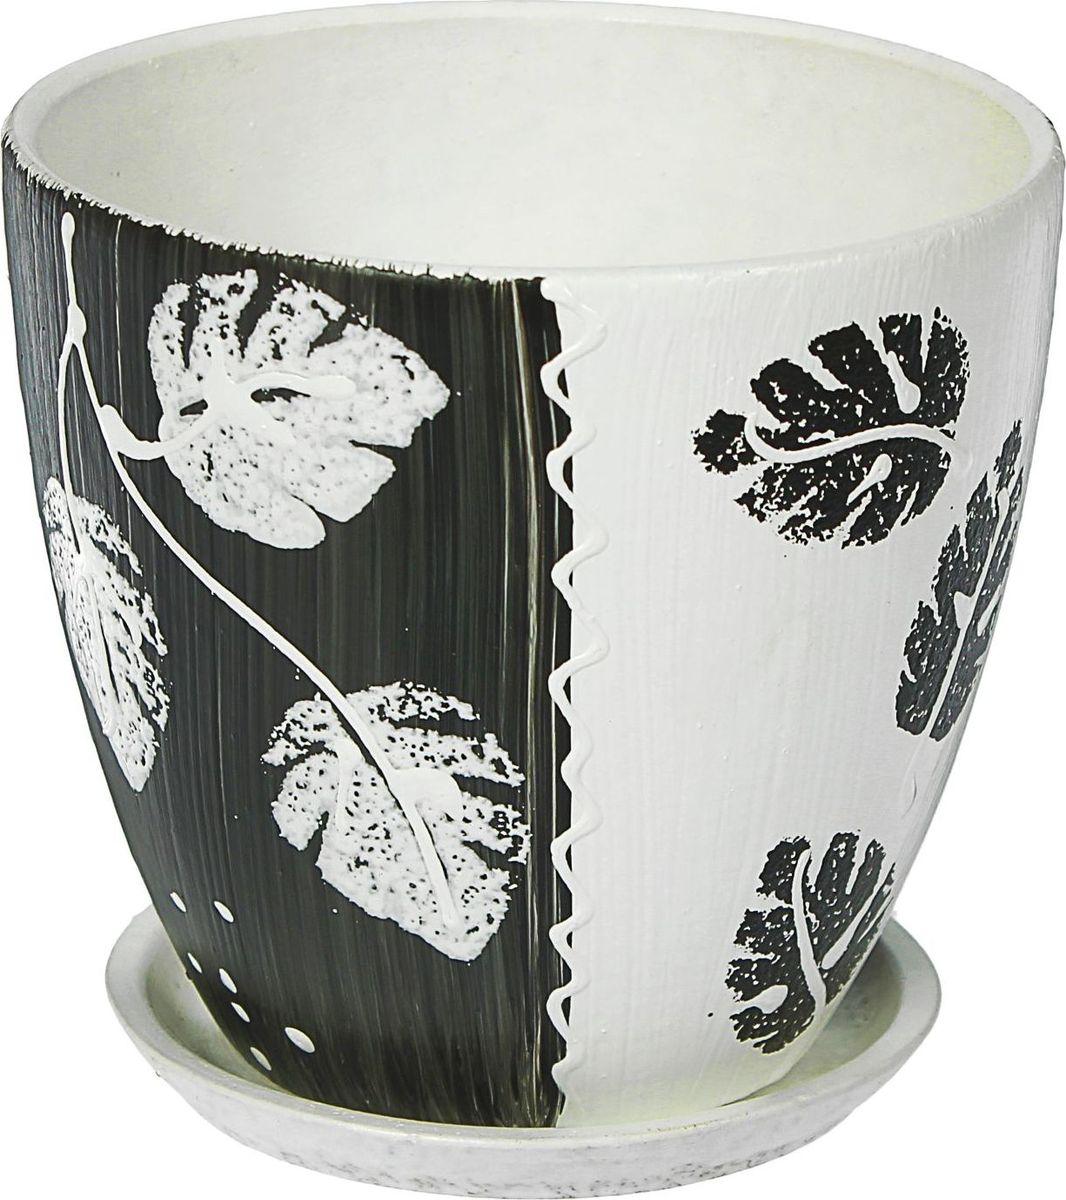 Кашпо Акварель, цвет: черный, белый, 0,8 л1437926Комнатные растения — всеобщие любимцы. Они радуют глаз, насыщают помещение кислородом и украшают пространство. Каждому из них необходим свой удобный и красивый дом. Кашпо из керамики прекрасно подходят для высадки растений: за счёт пластичности глины и разных способов обработки существует великое множество форм и дизайновпористый материал позволяет испаряться лишней влагевоздух, необходимый для дыхания корней, проникает сквозь керамические стенки! #name# позаботится о зелёном питомце, освежит интерьер и подчеркнёт его стиль.